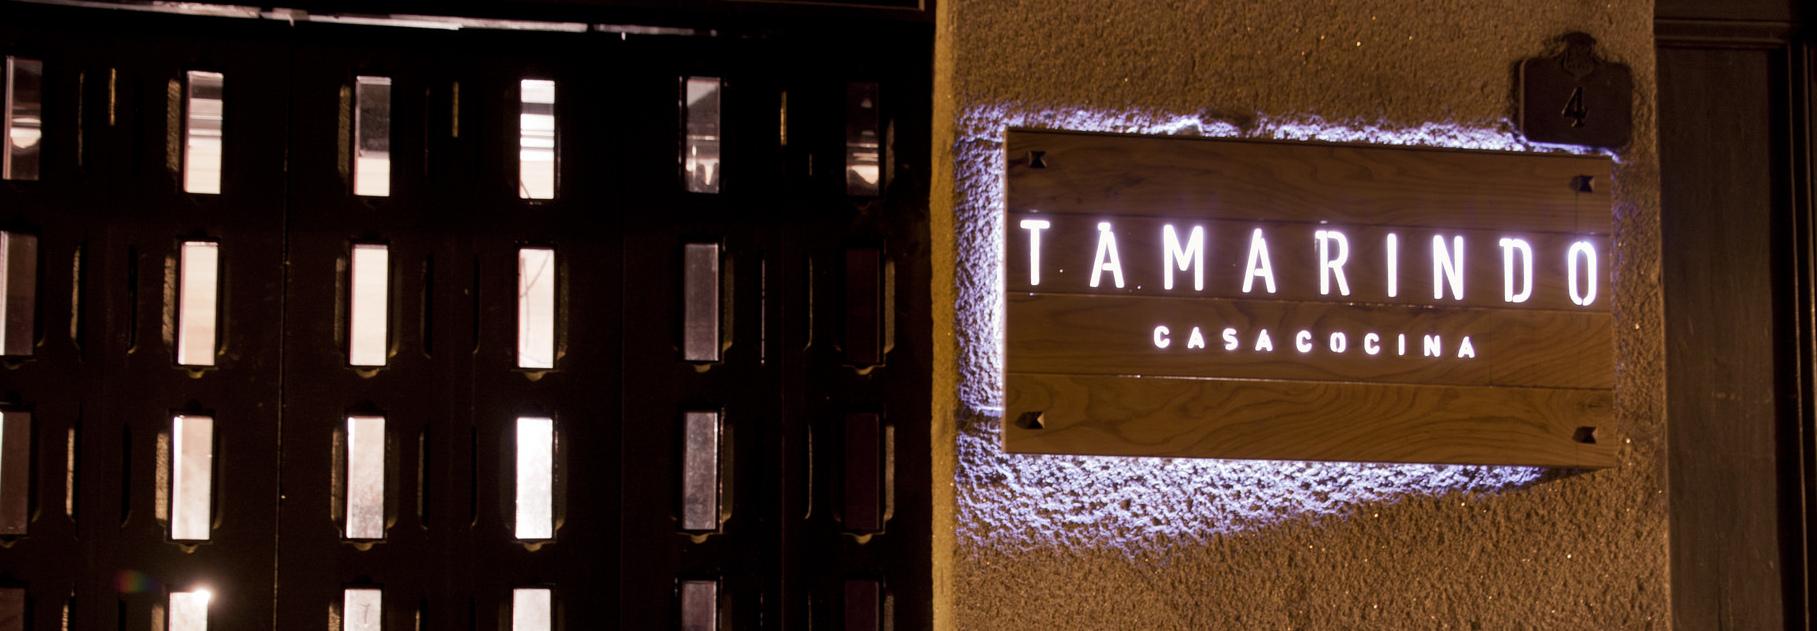 Caso pr ctico bar tamarindo casa cocina soluci n - Iluminacion de bares ...